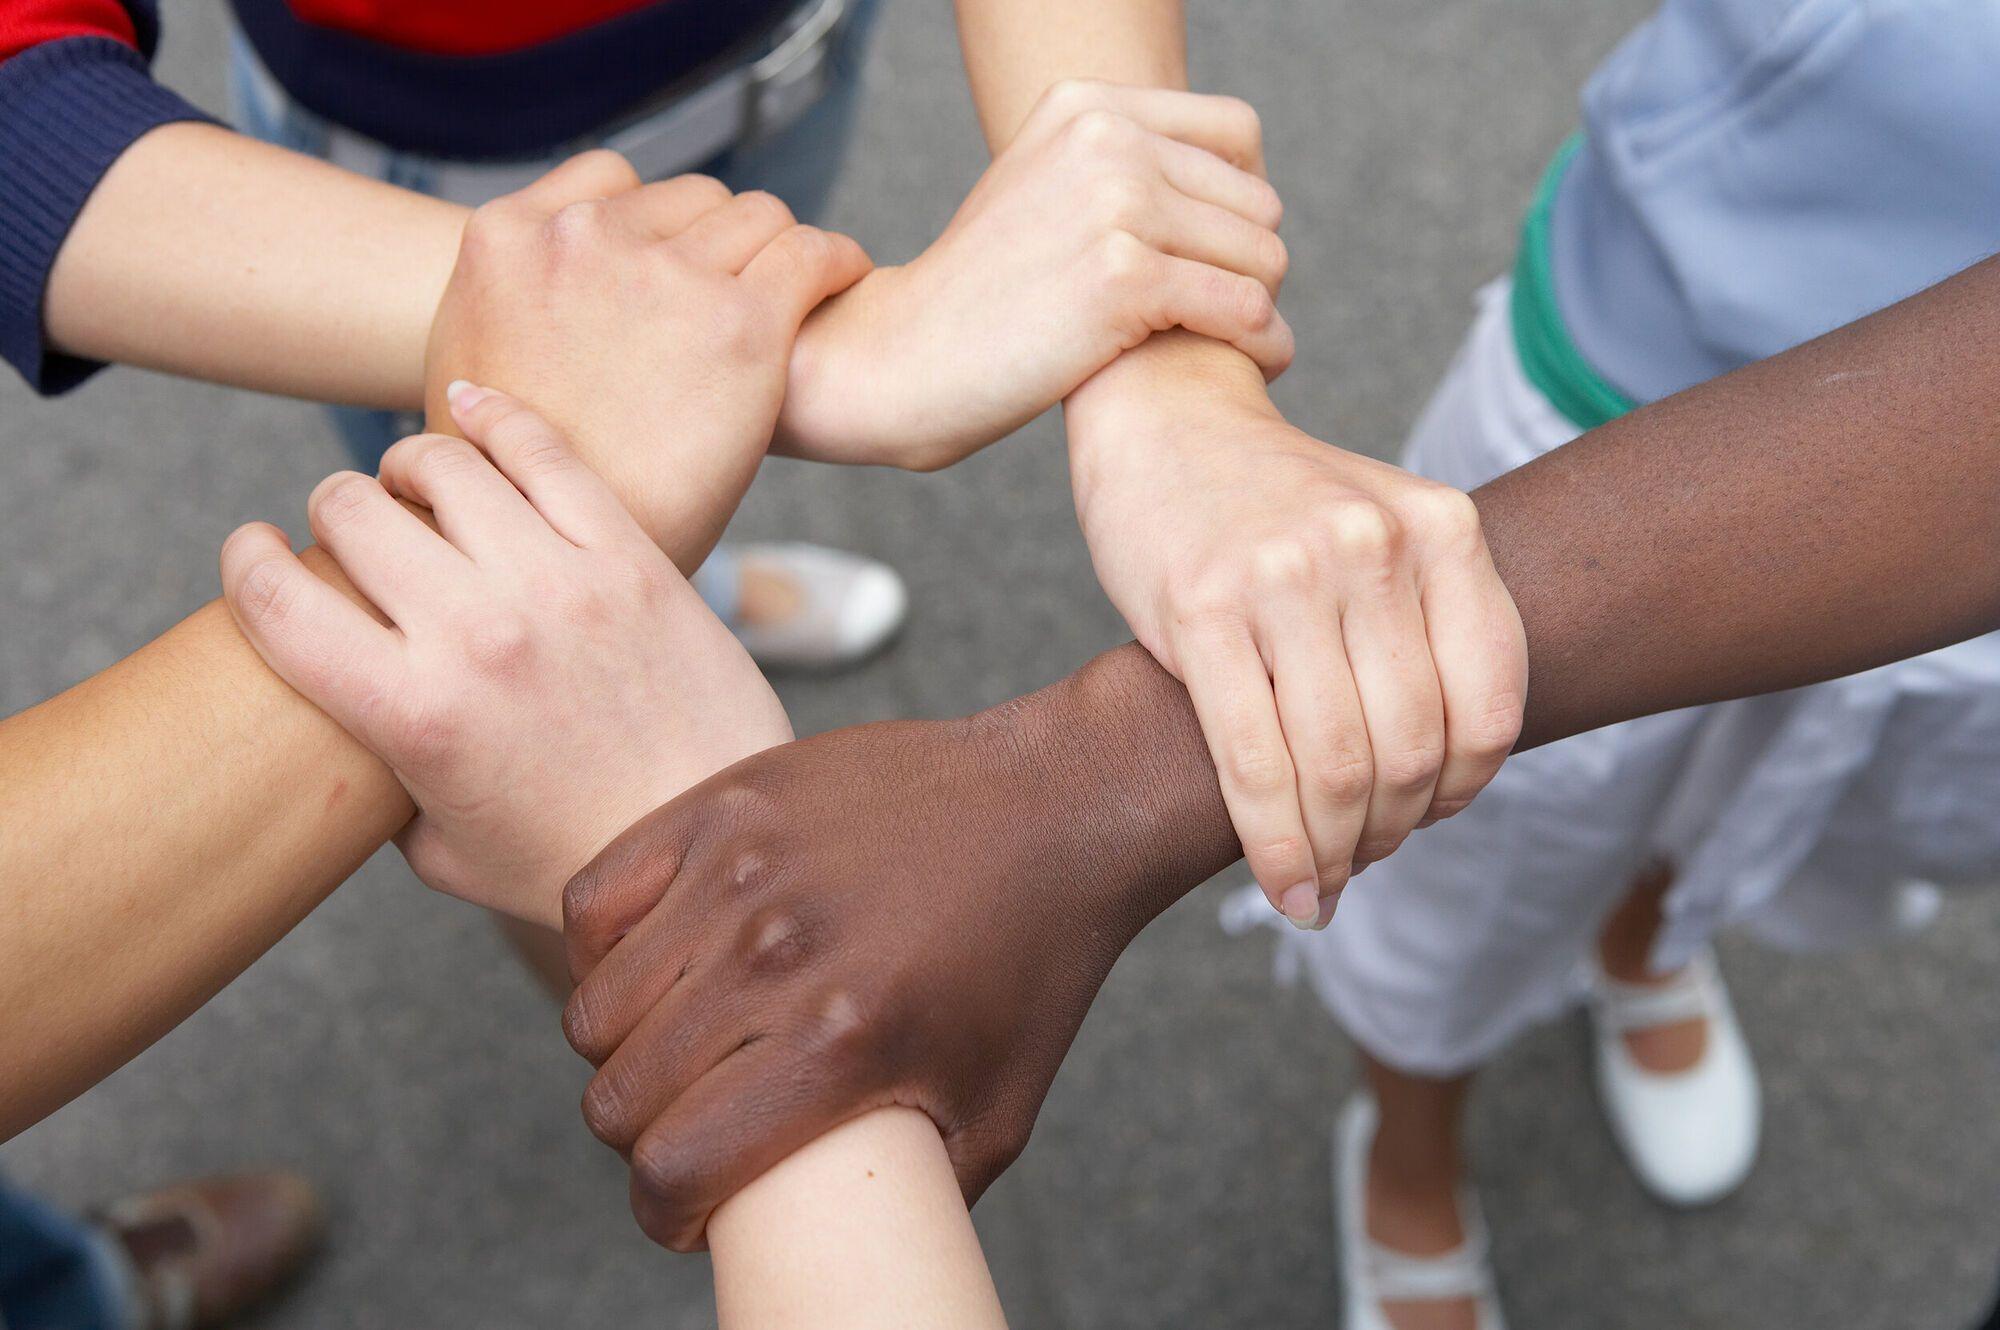 Международный день против фашизма, расизма и антисемитизма: что это за праздник